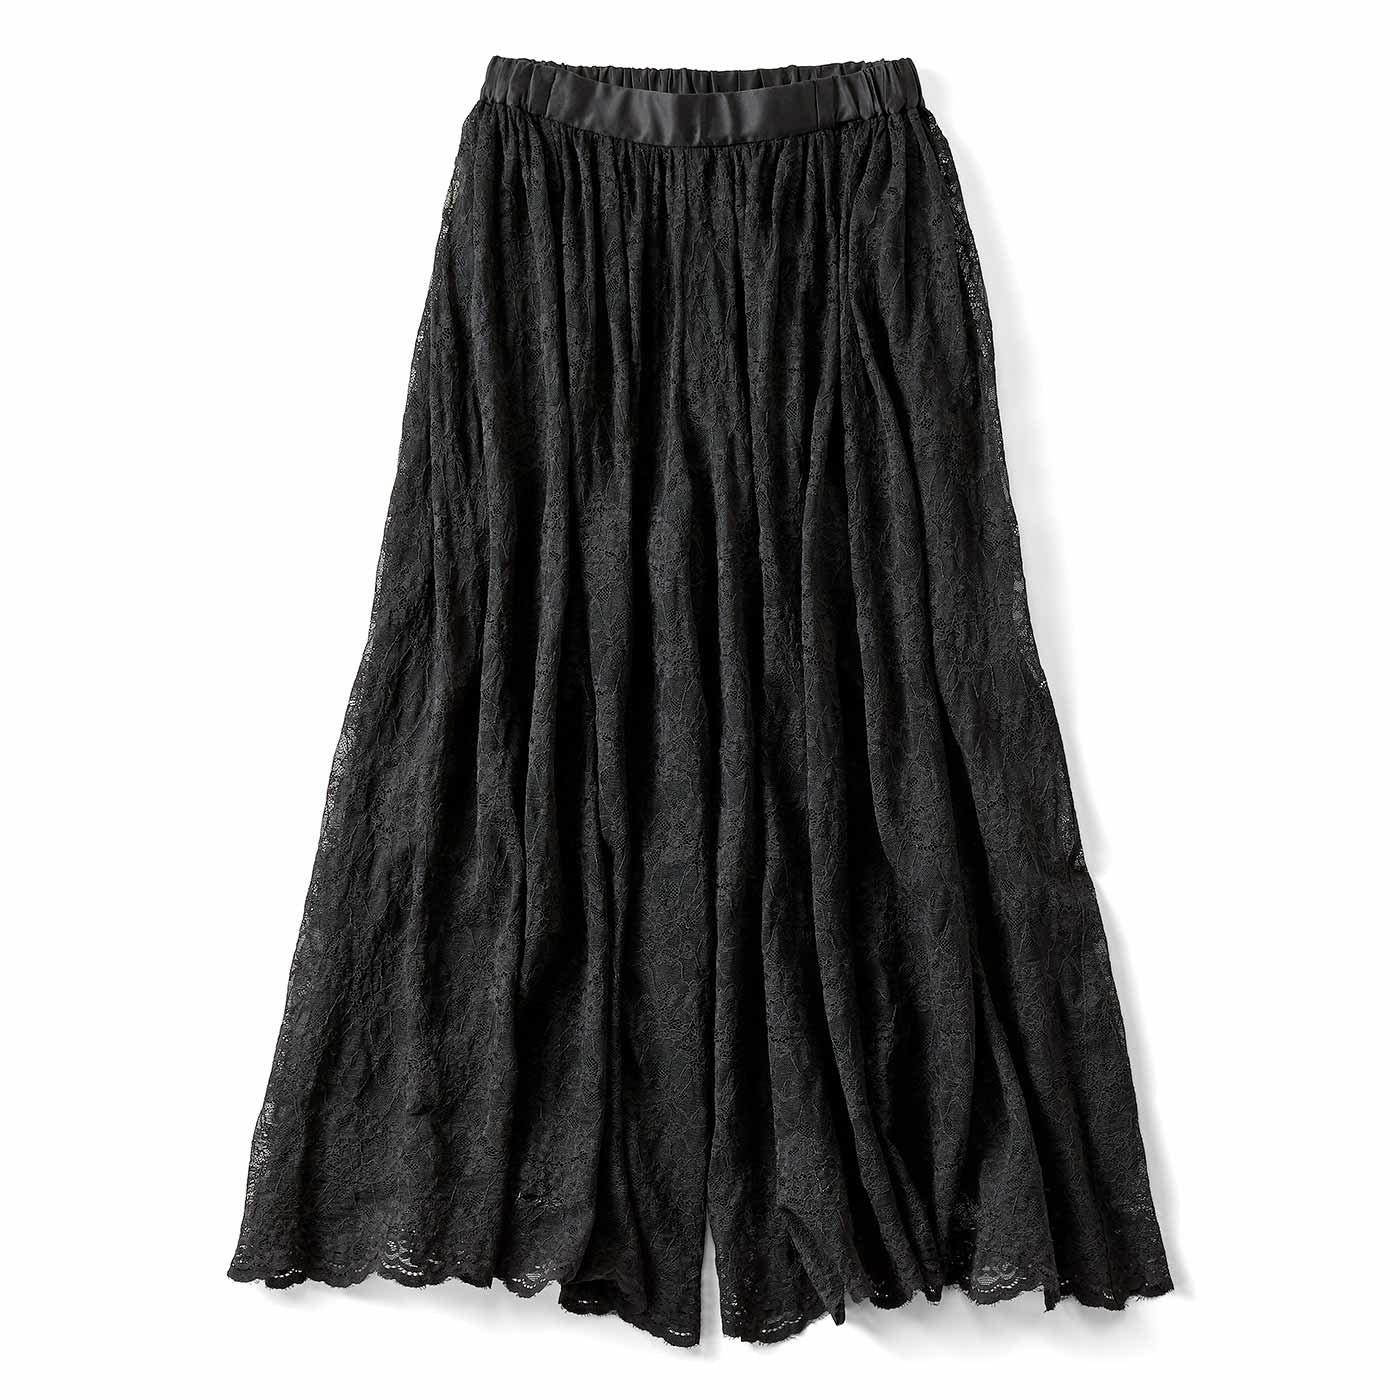 【3~10日でお届け】IEDIT[イディット] 吸汗速乾裏地付きのスカート見えシアーレースパンツ〈ブラック〉